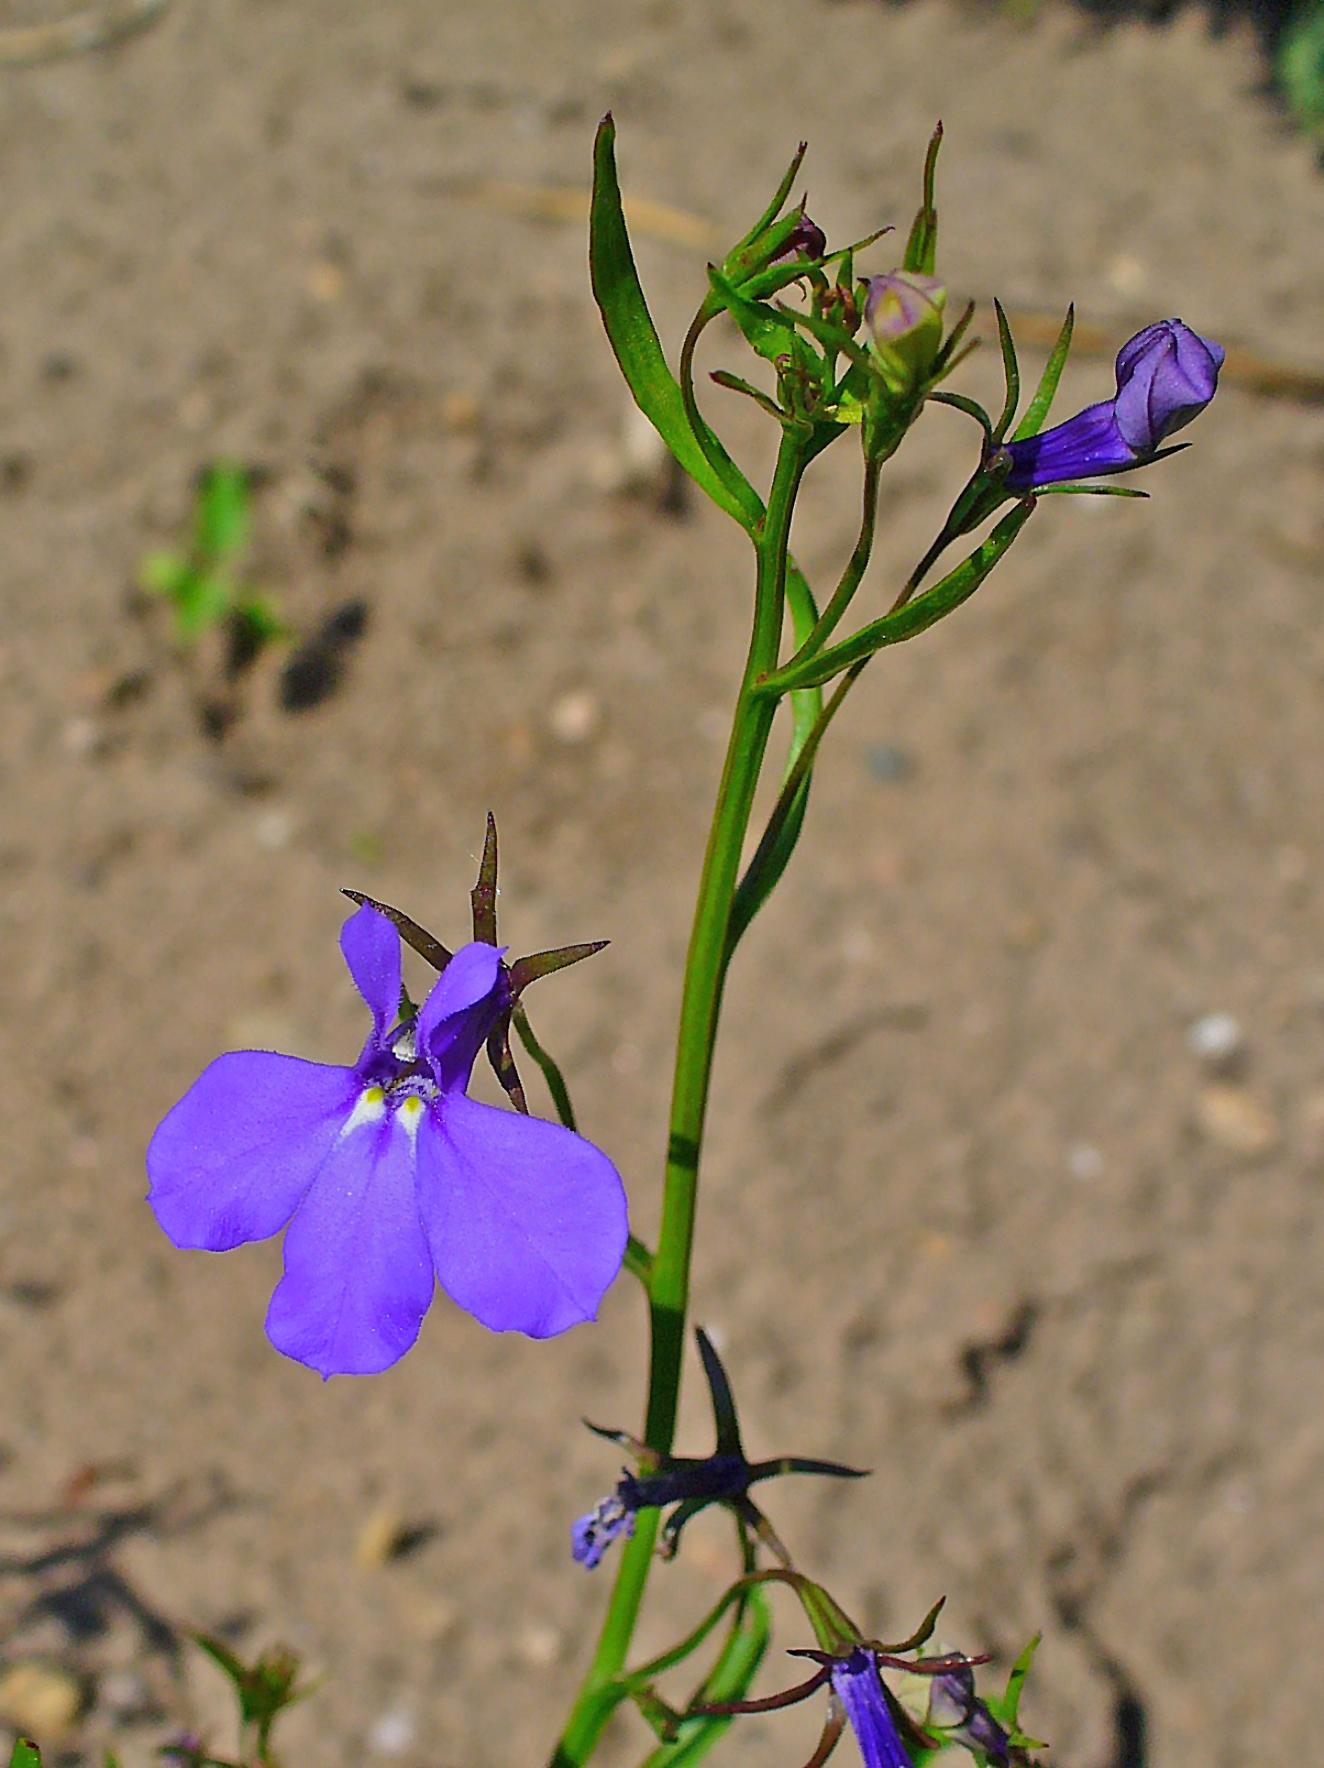 Filelobelia Erinus 002jpg Wikimedia Commons